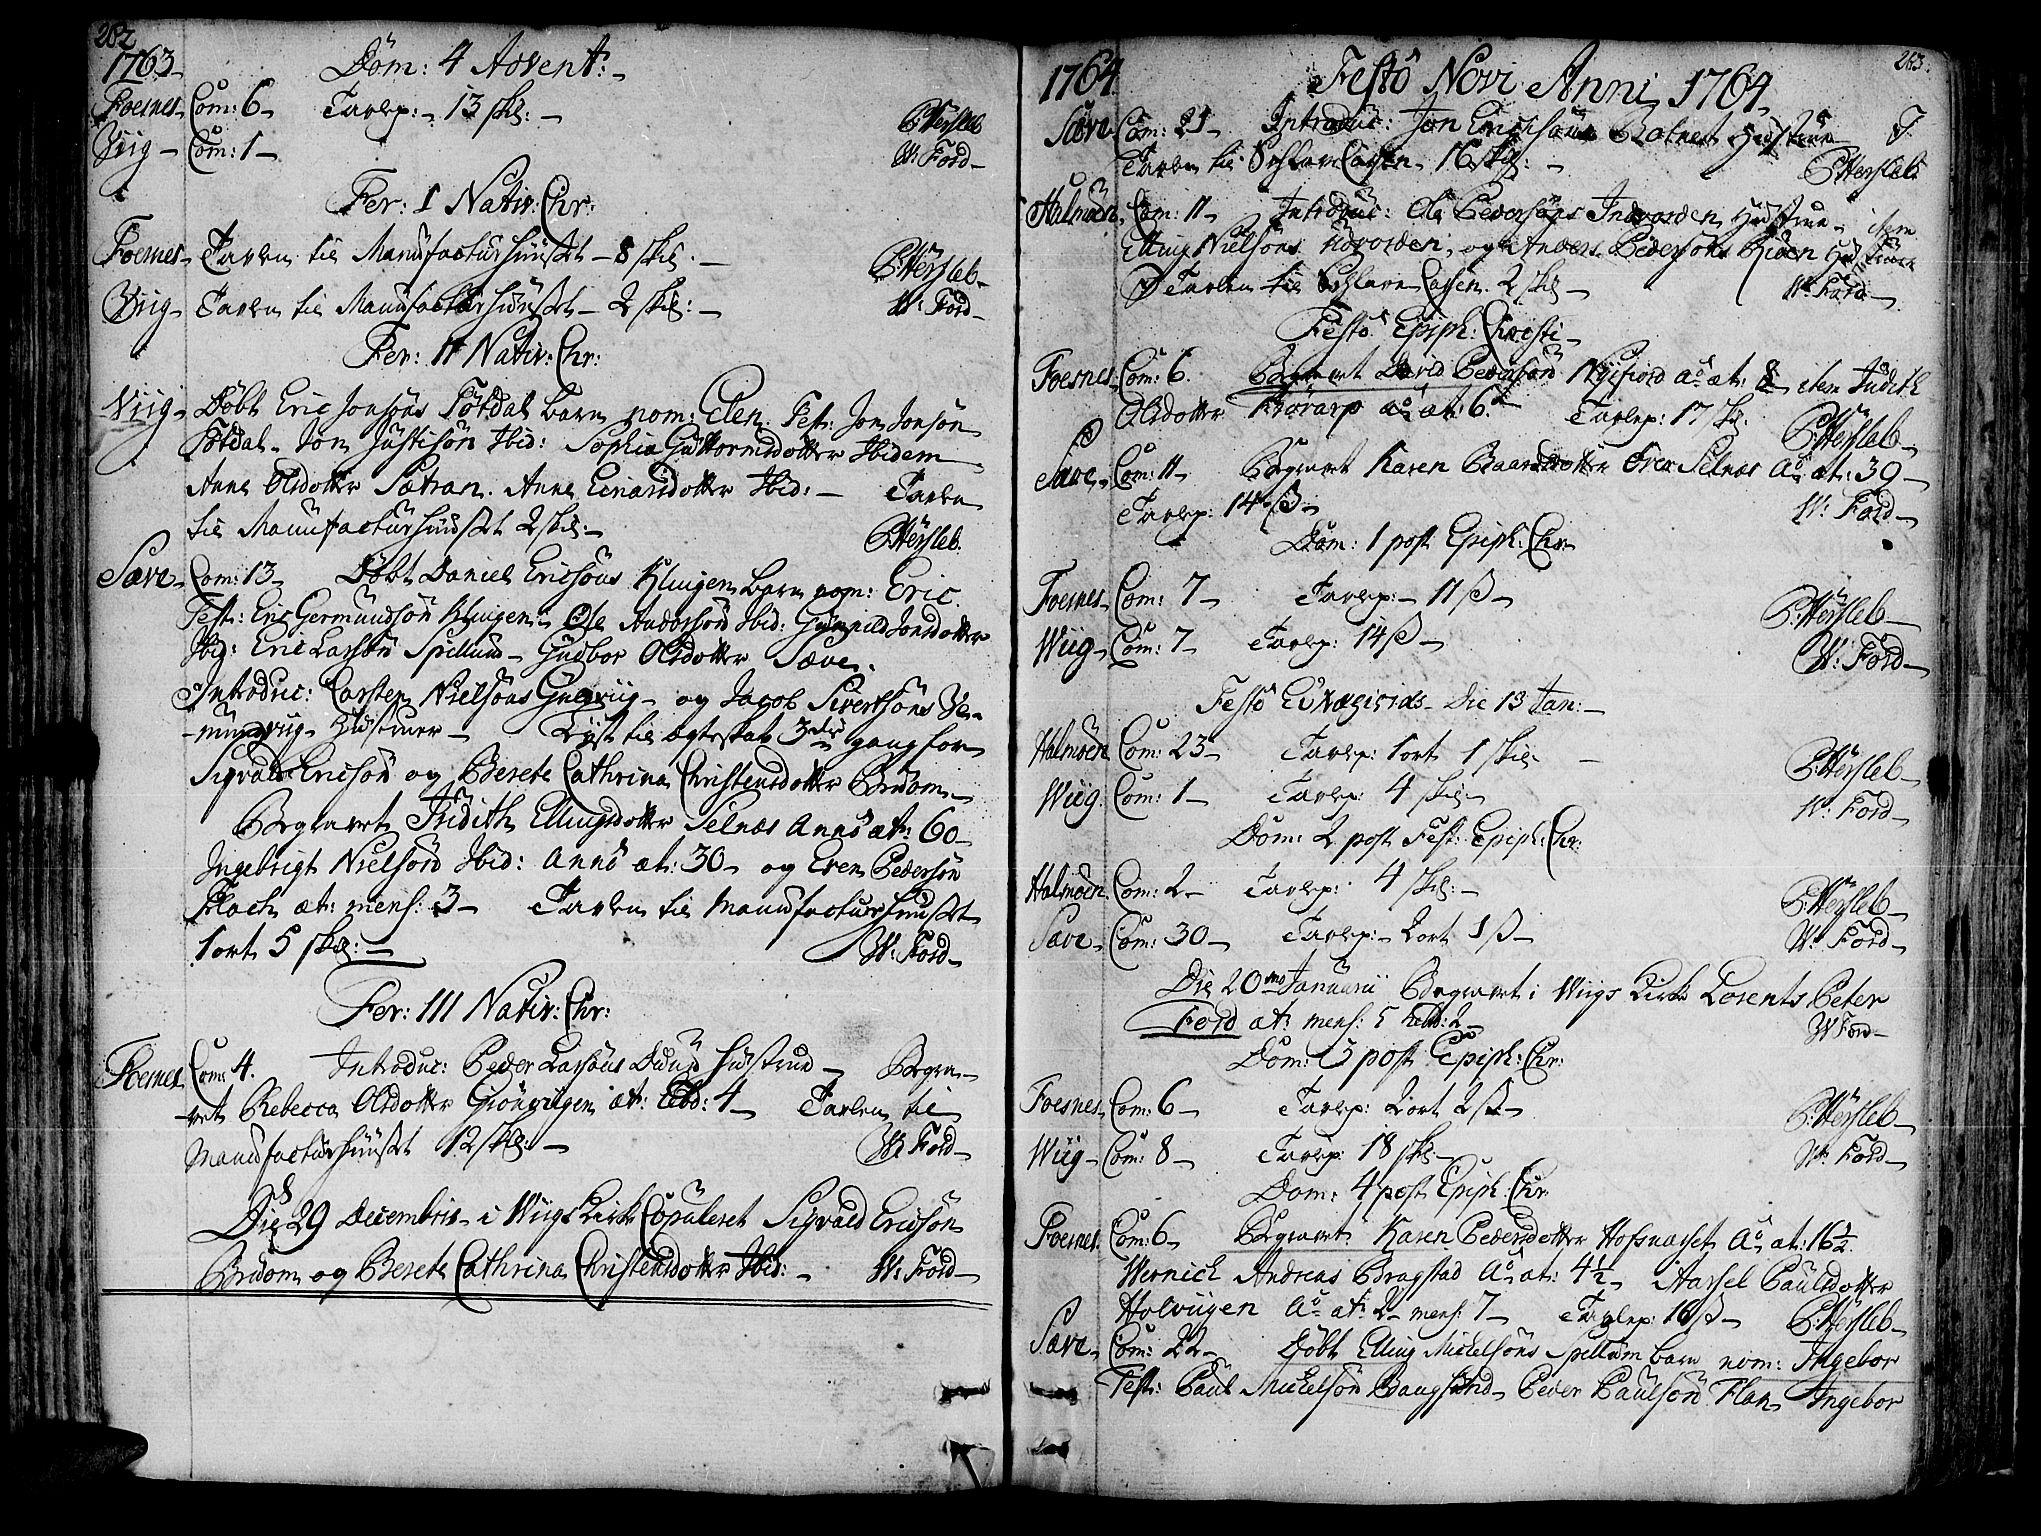 SAT, Ministerialprotokoller, klokkerbøker og fødselsregistre - Nord-Trøndelag, 773/L0607: Ministerialbok nr. 773A01, 1751-1783, s. 262-263